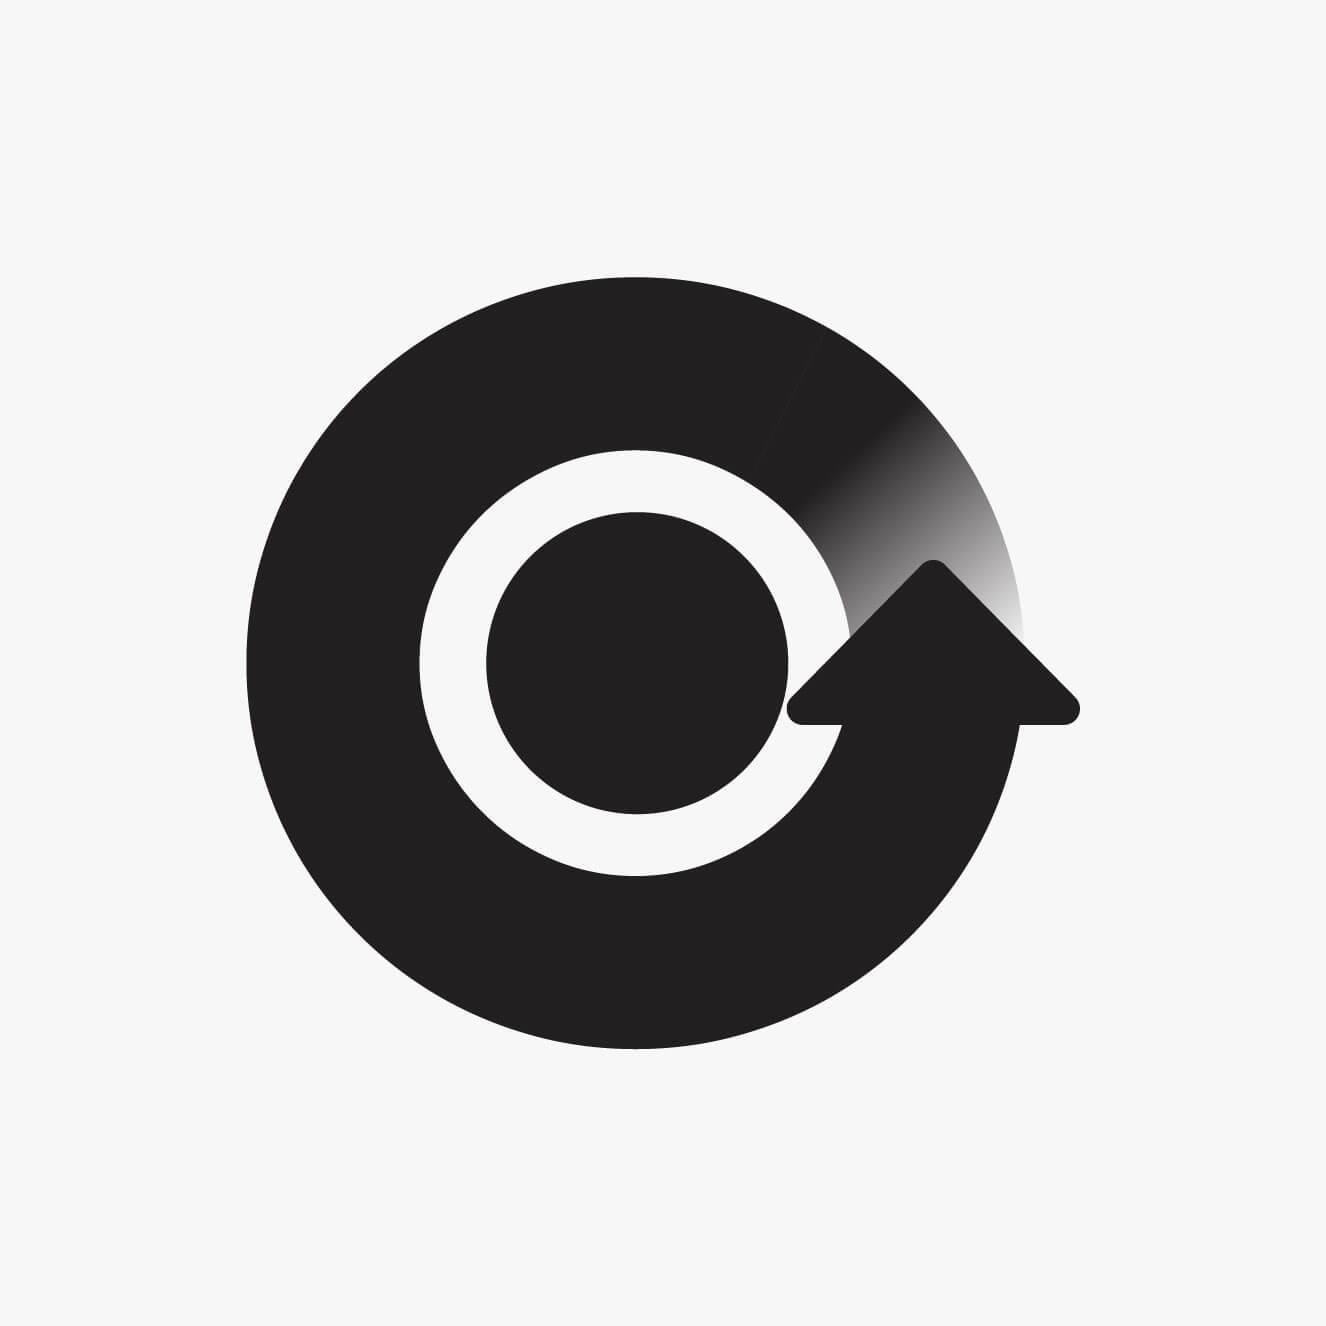 Download mark, black